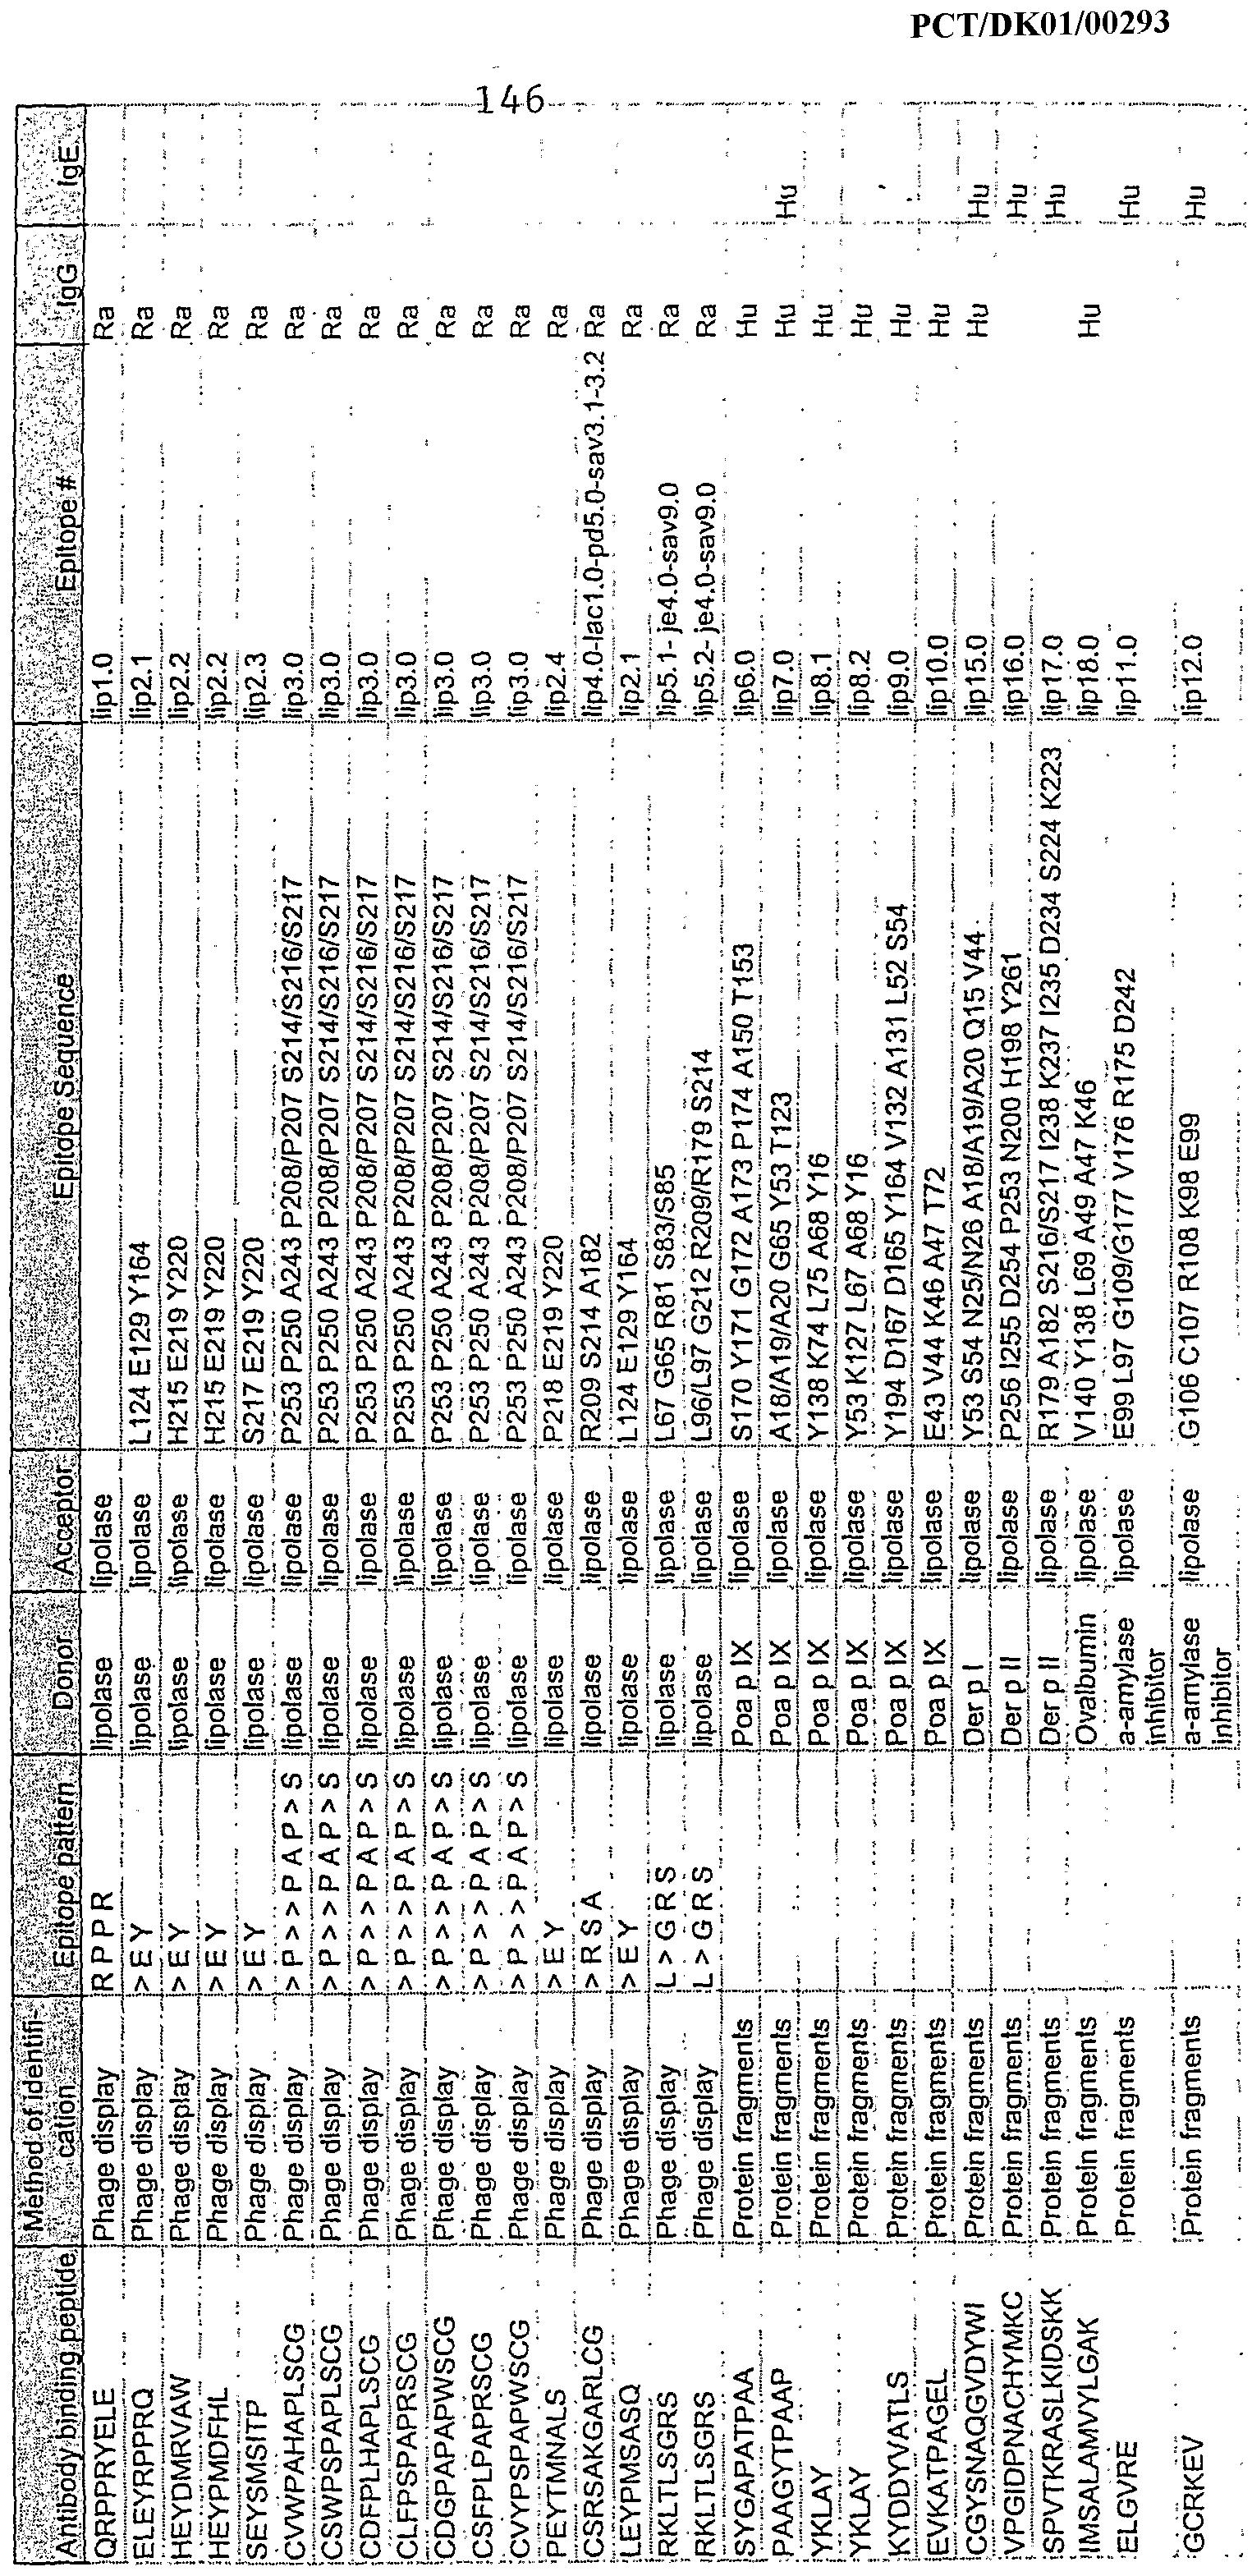 Figure imgf 0001